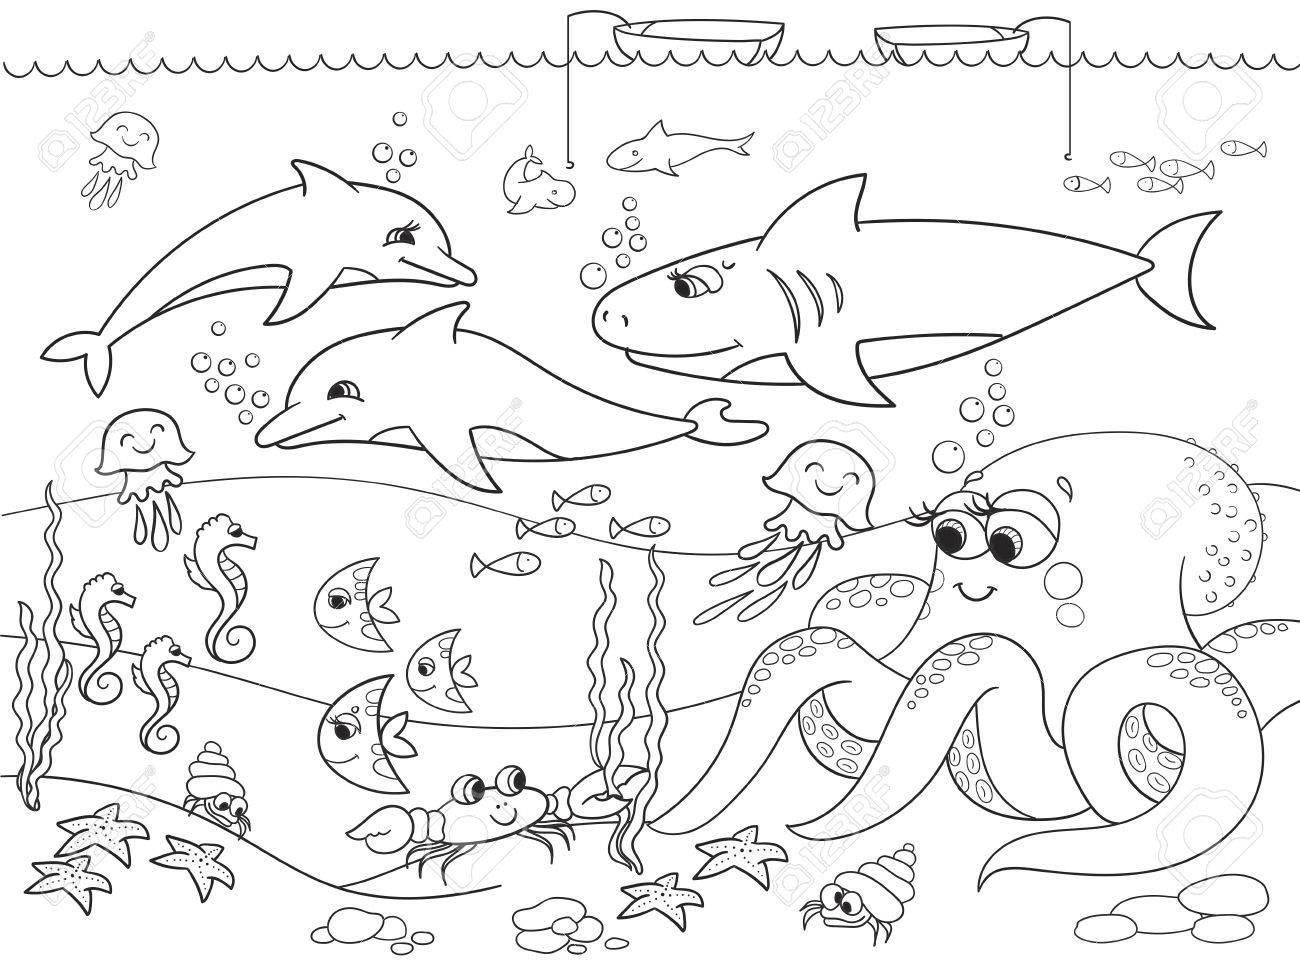 Fond Marin Avec Des Animaux Marins Coloriage De Vecteur Pour Les Enfants Dessin Anime Clip Art Libres De Droits Vecteurs Et Illustration Image 72363026